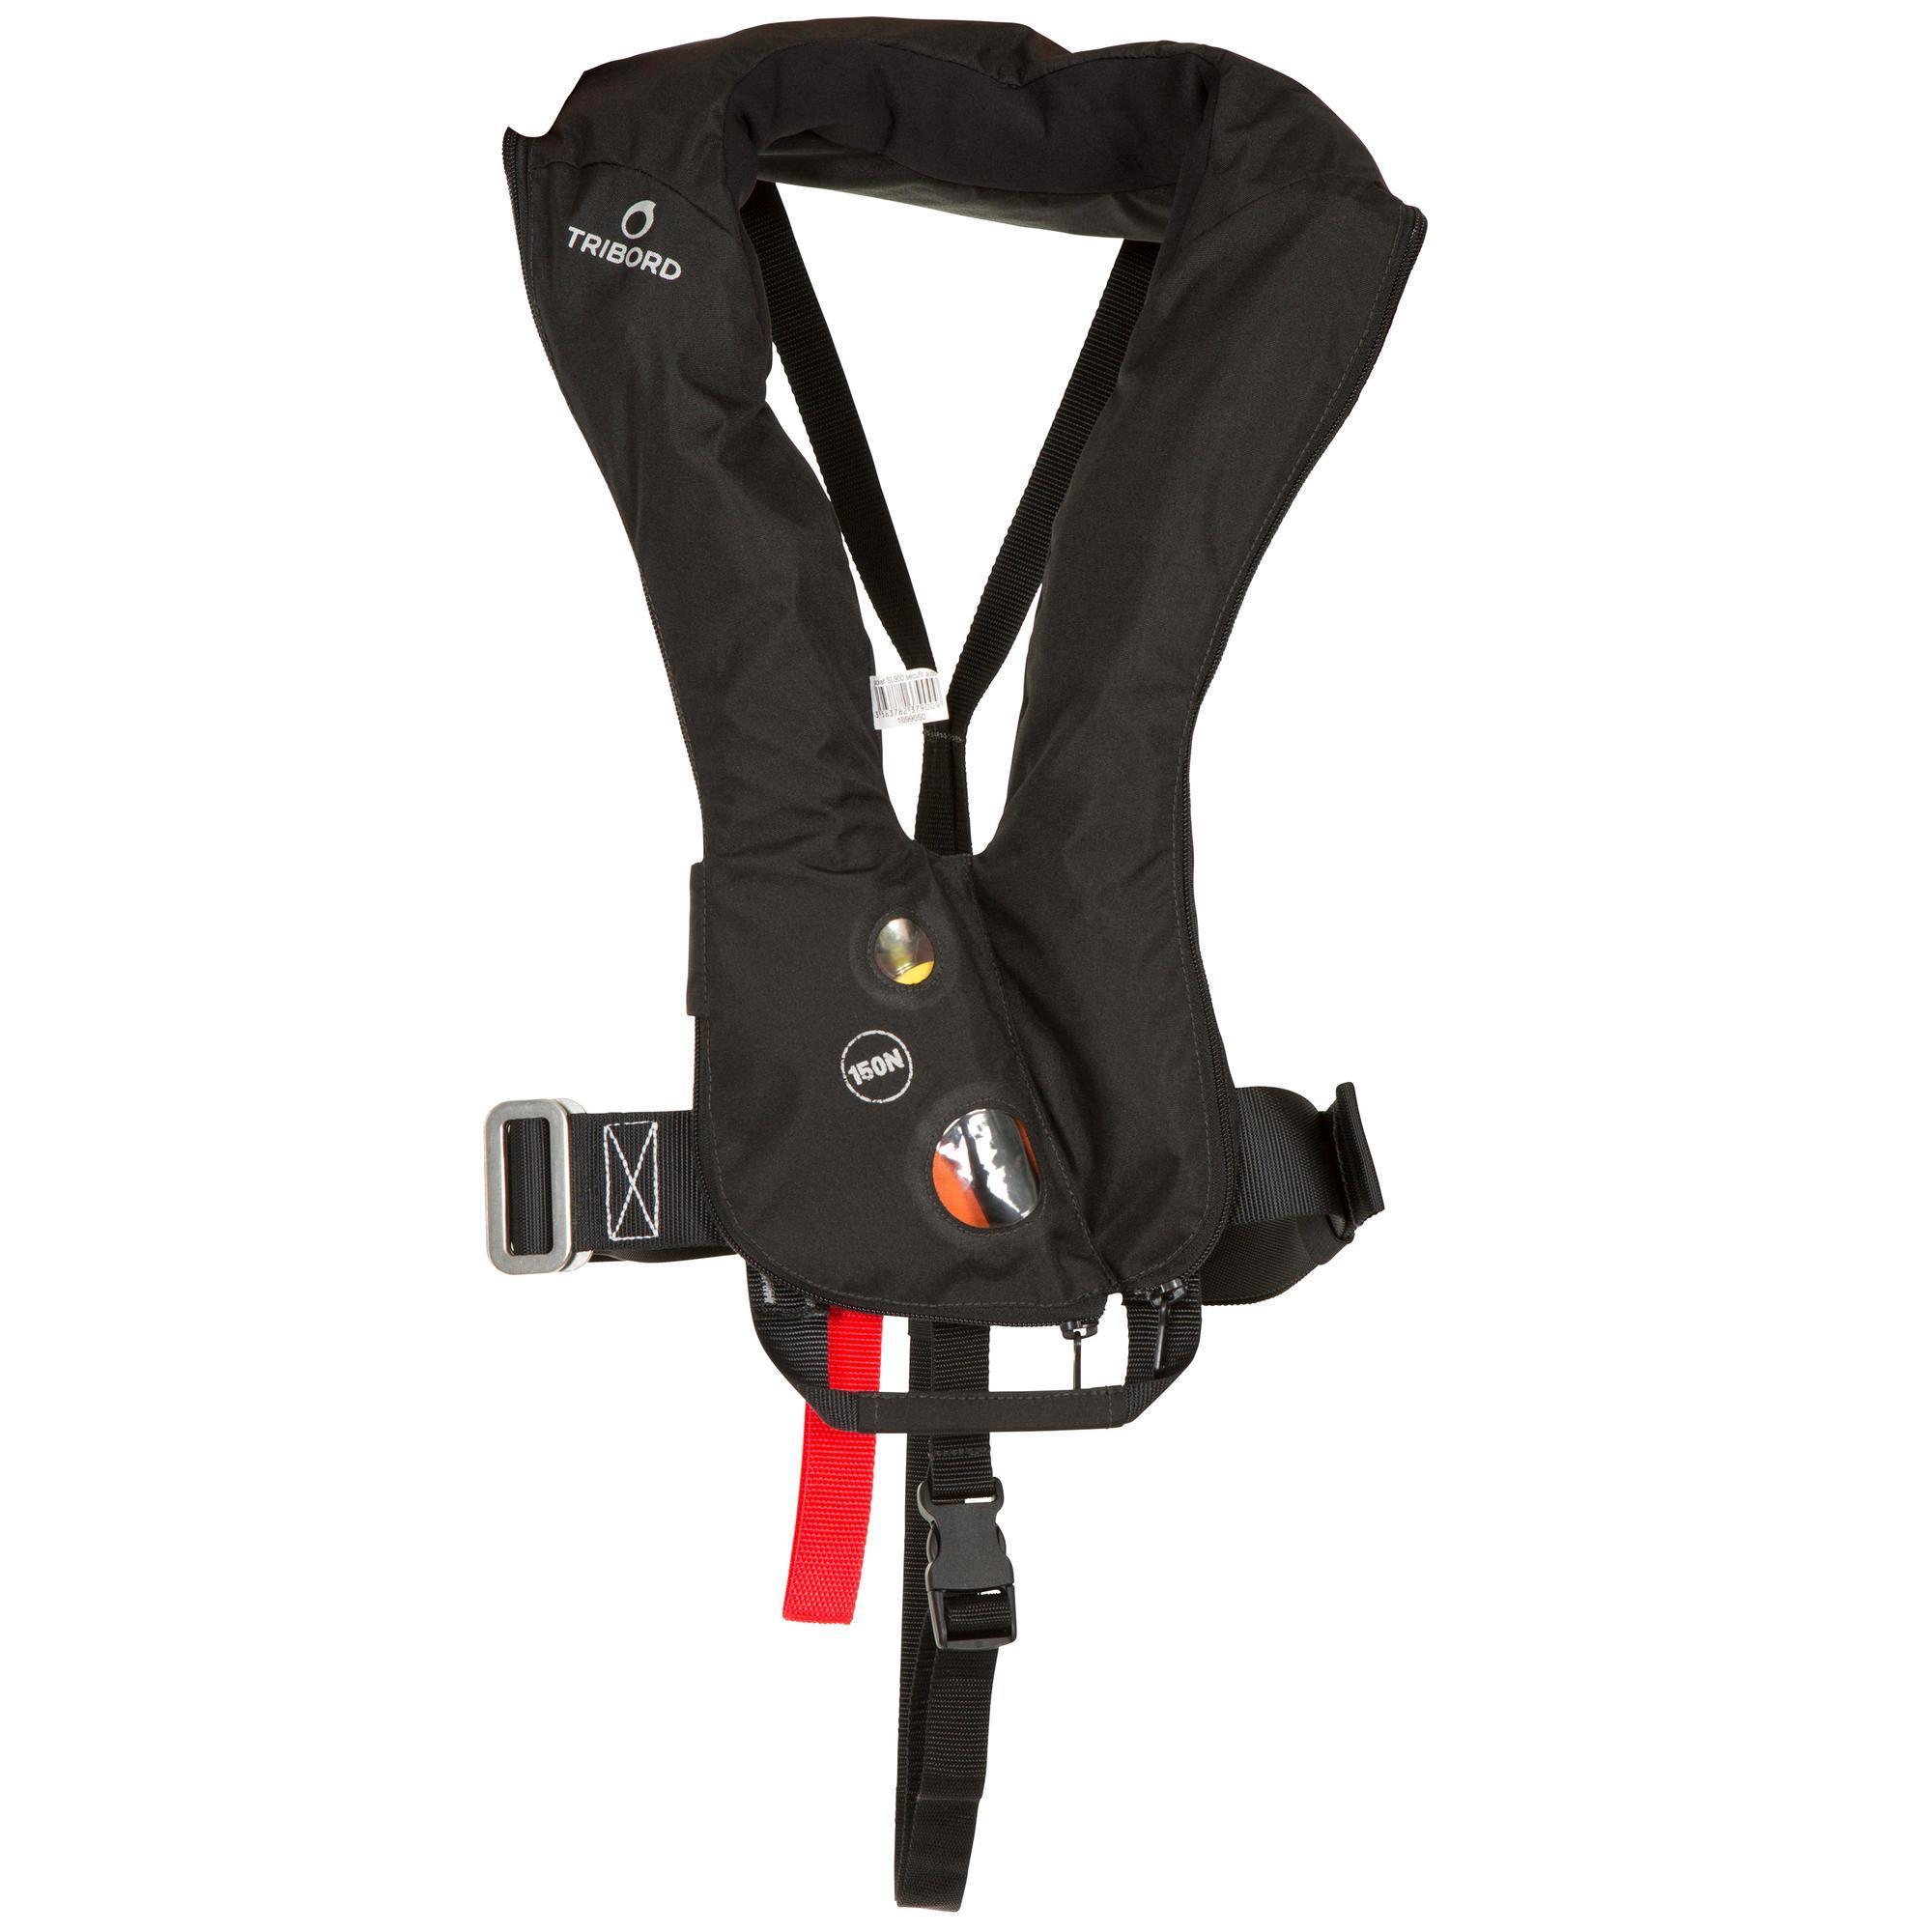 Rettungsweste LJ 150 N Air mit Gurtsystem Erwachsene | Sportbekleidung > Sportwesten > Funktionswesten | Schwarz | Co | Tribord